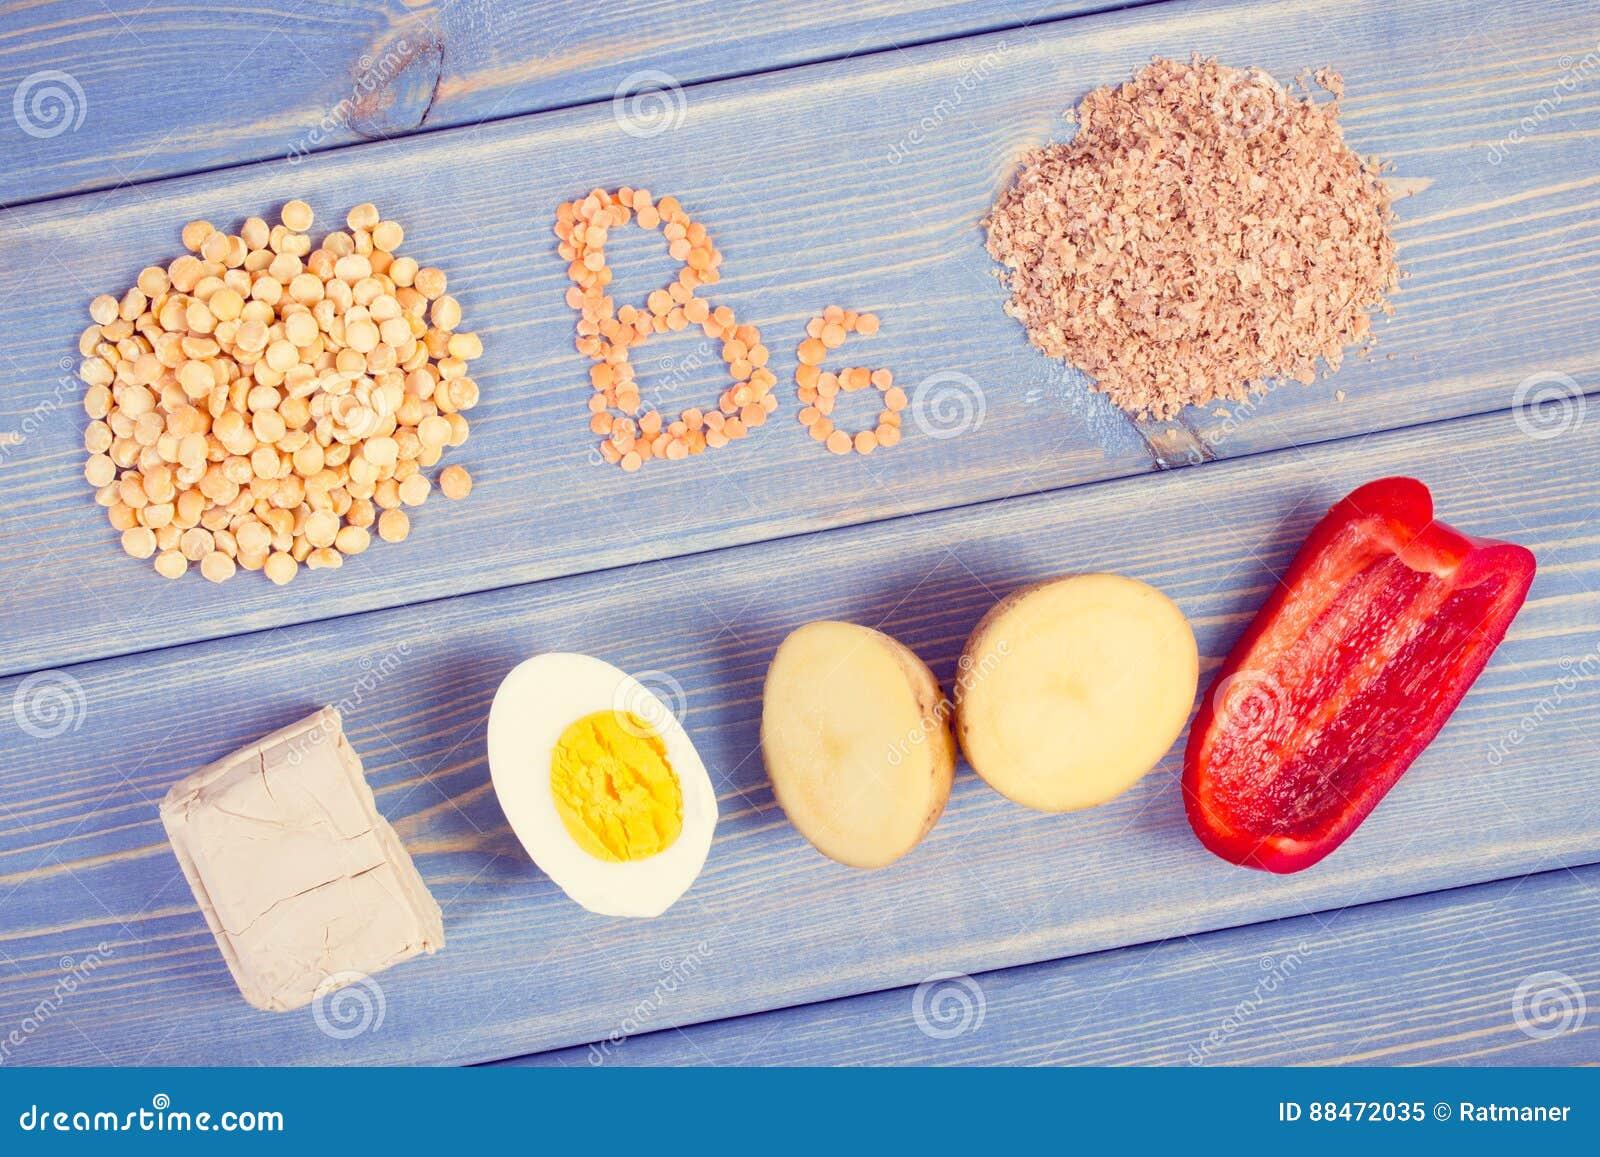 Foto, produtos e ingredientes do vintage contendo a vitamina B6 e a fibra dietética, nutrição saudável